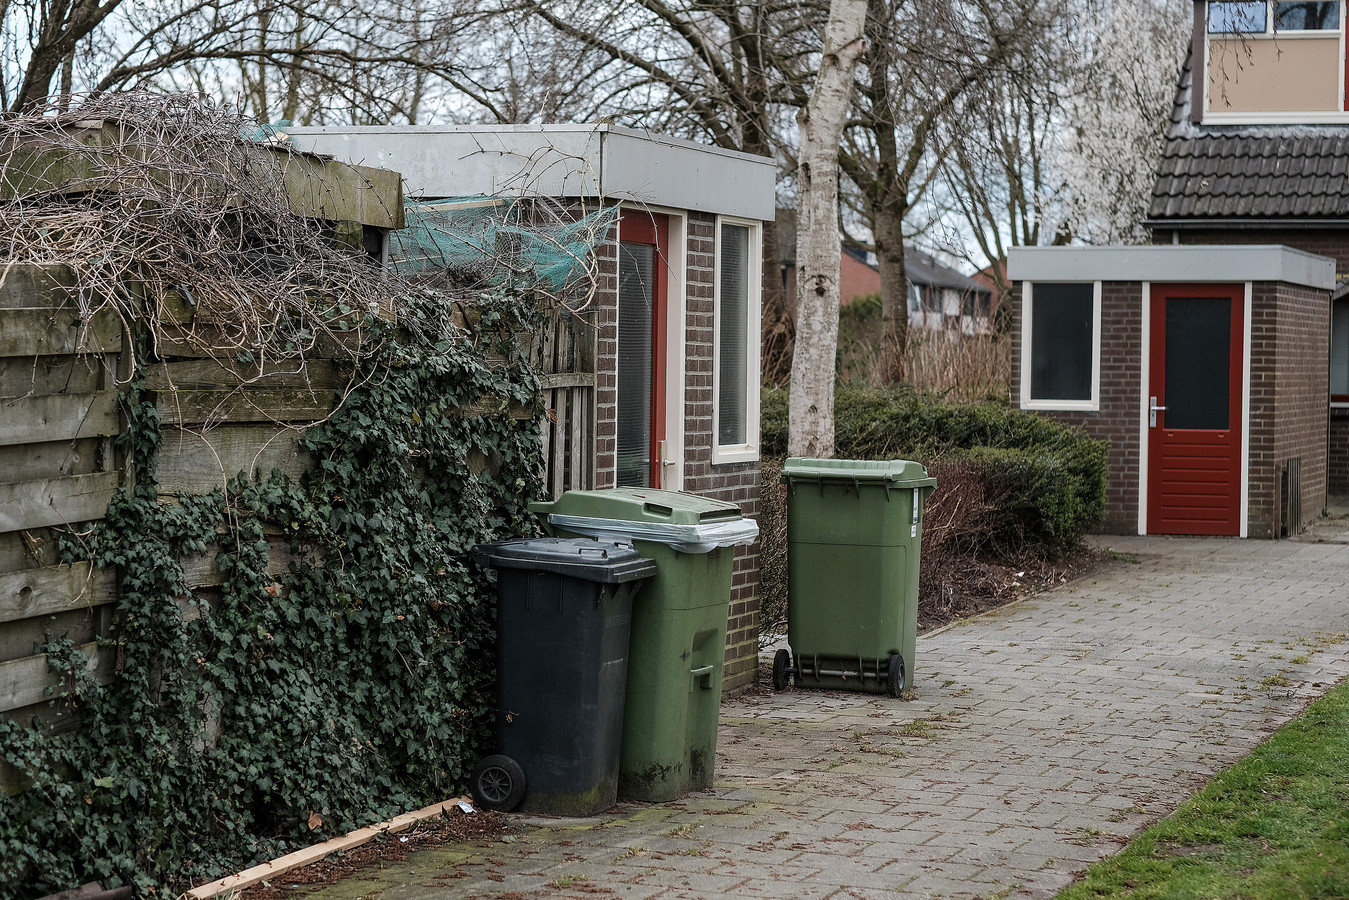 Afvalcontainers in een woonwijk.